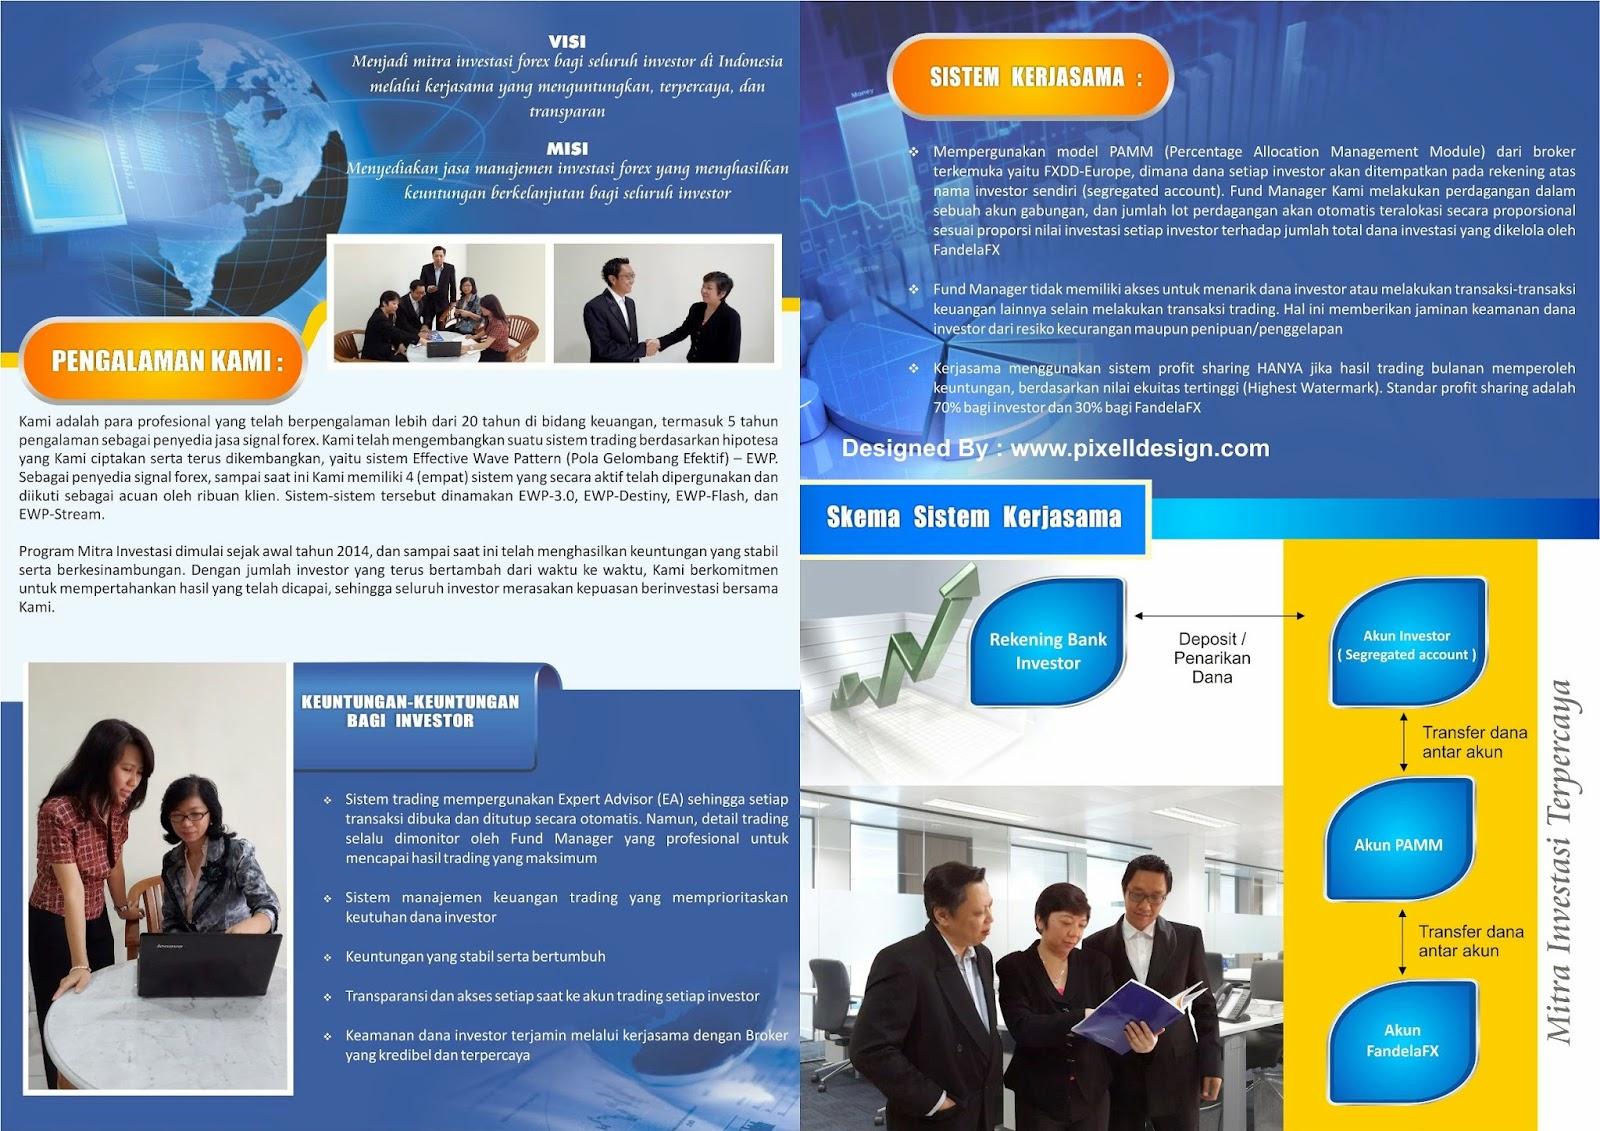 Jasa Desain Grafis Terpercaya | Logo | Brosur | Banner | Katalog ...